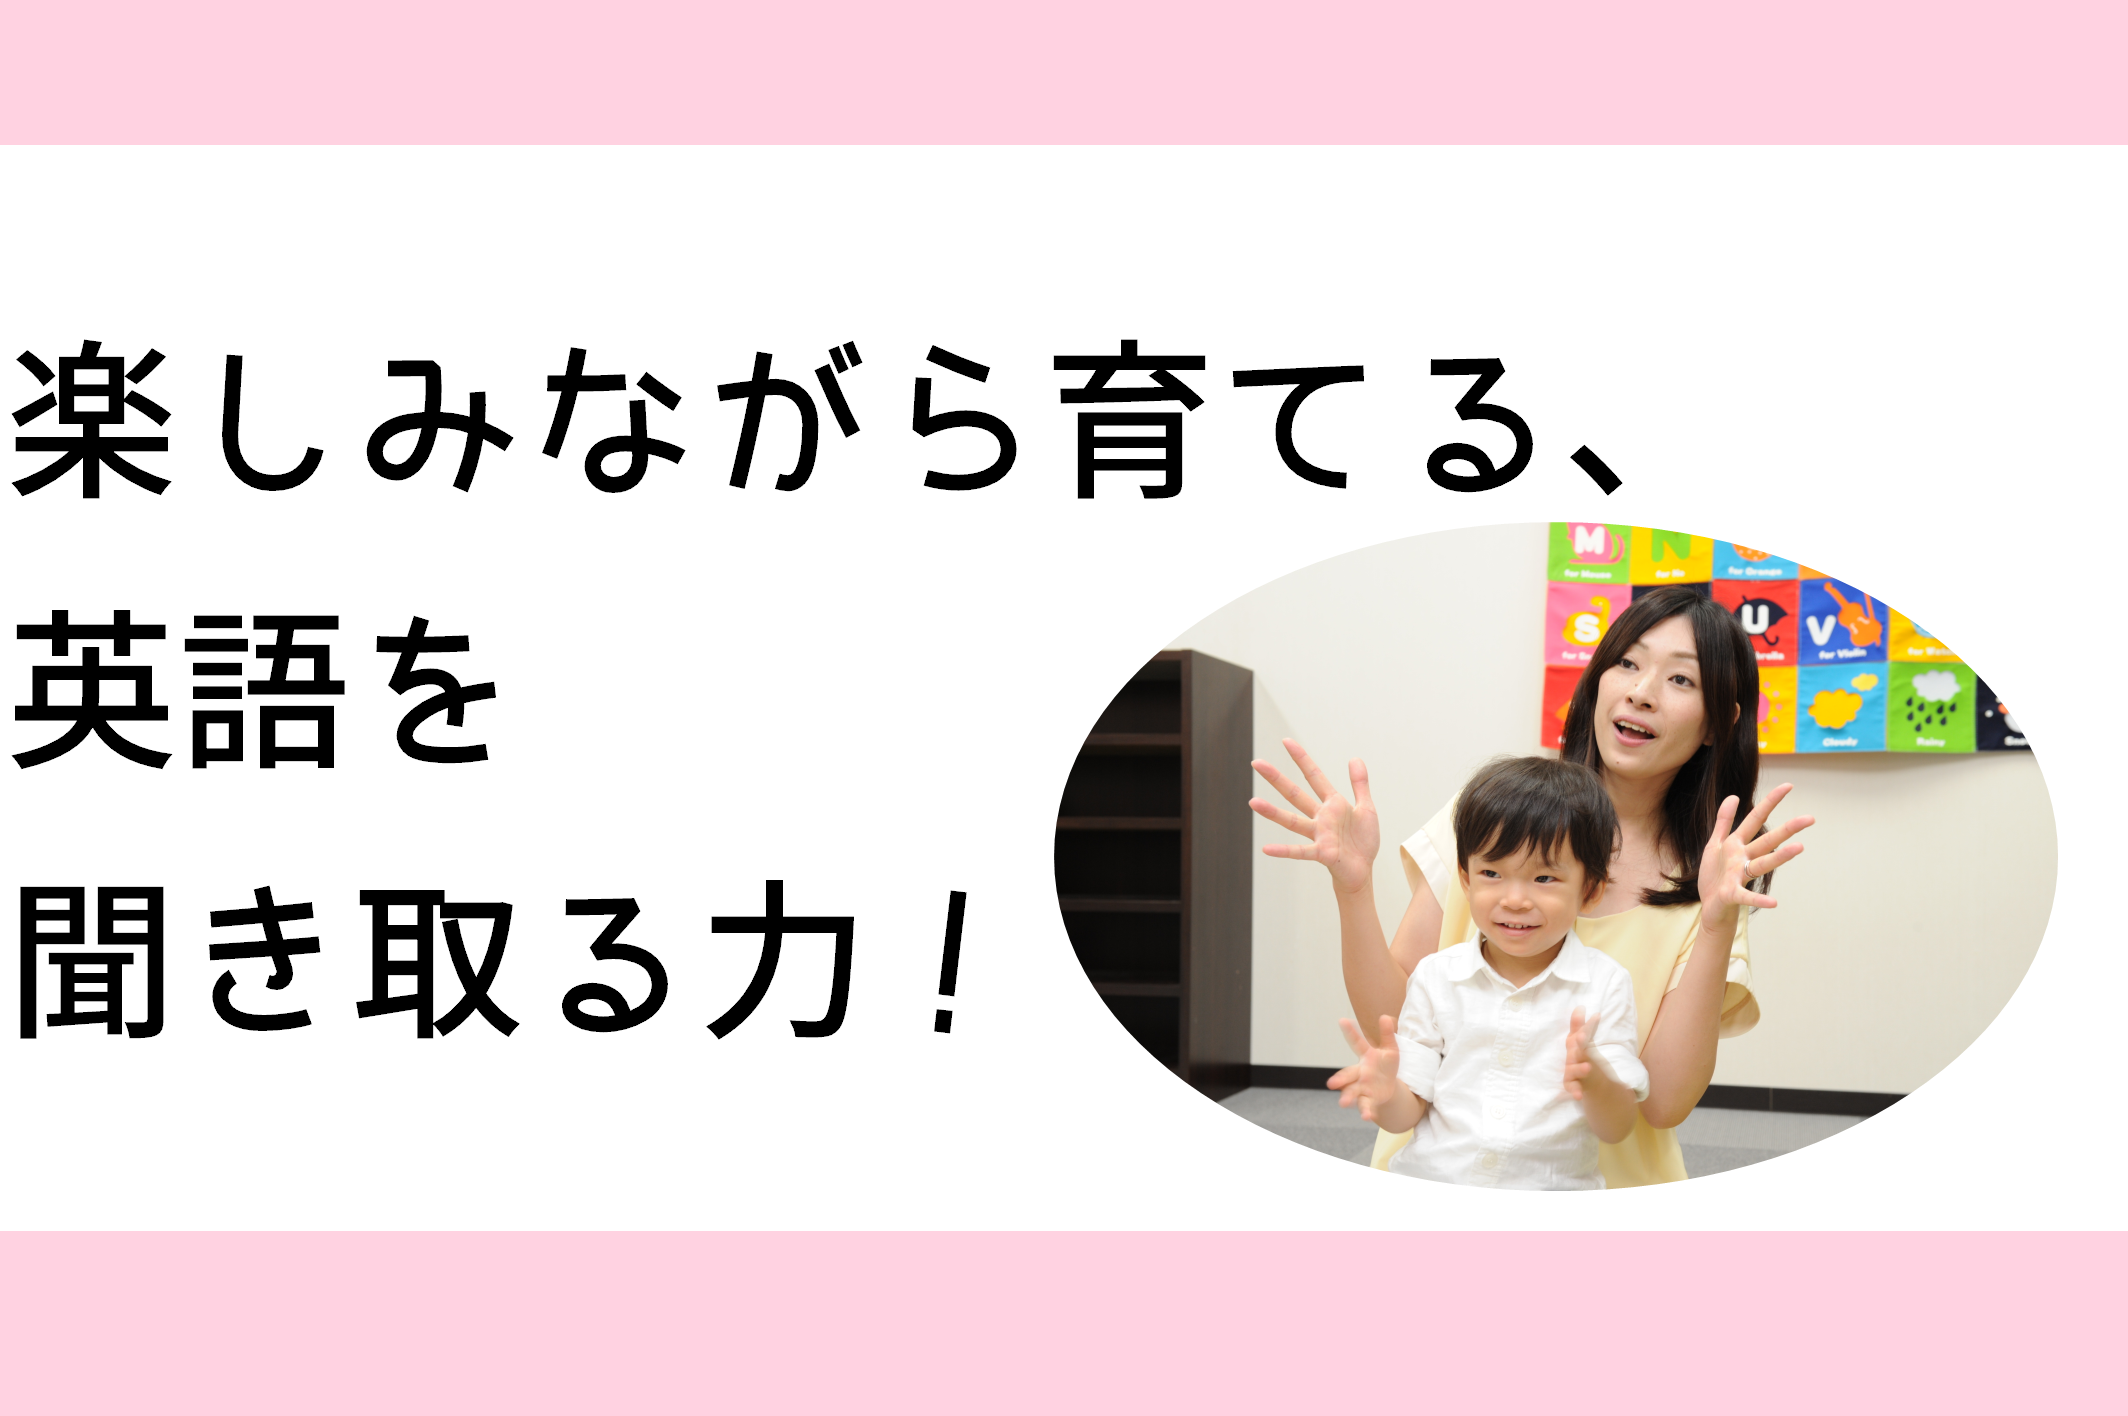 楽しみながら育てる、英語を聞き取る力!